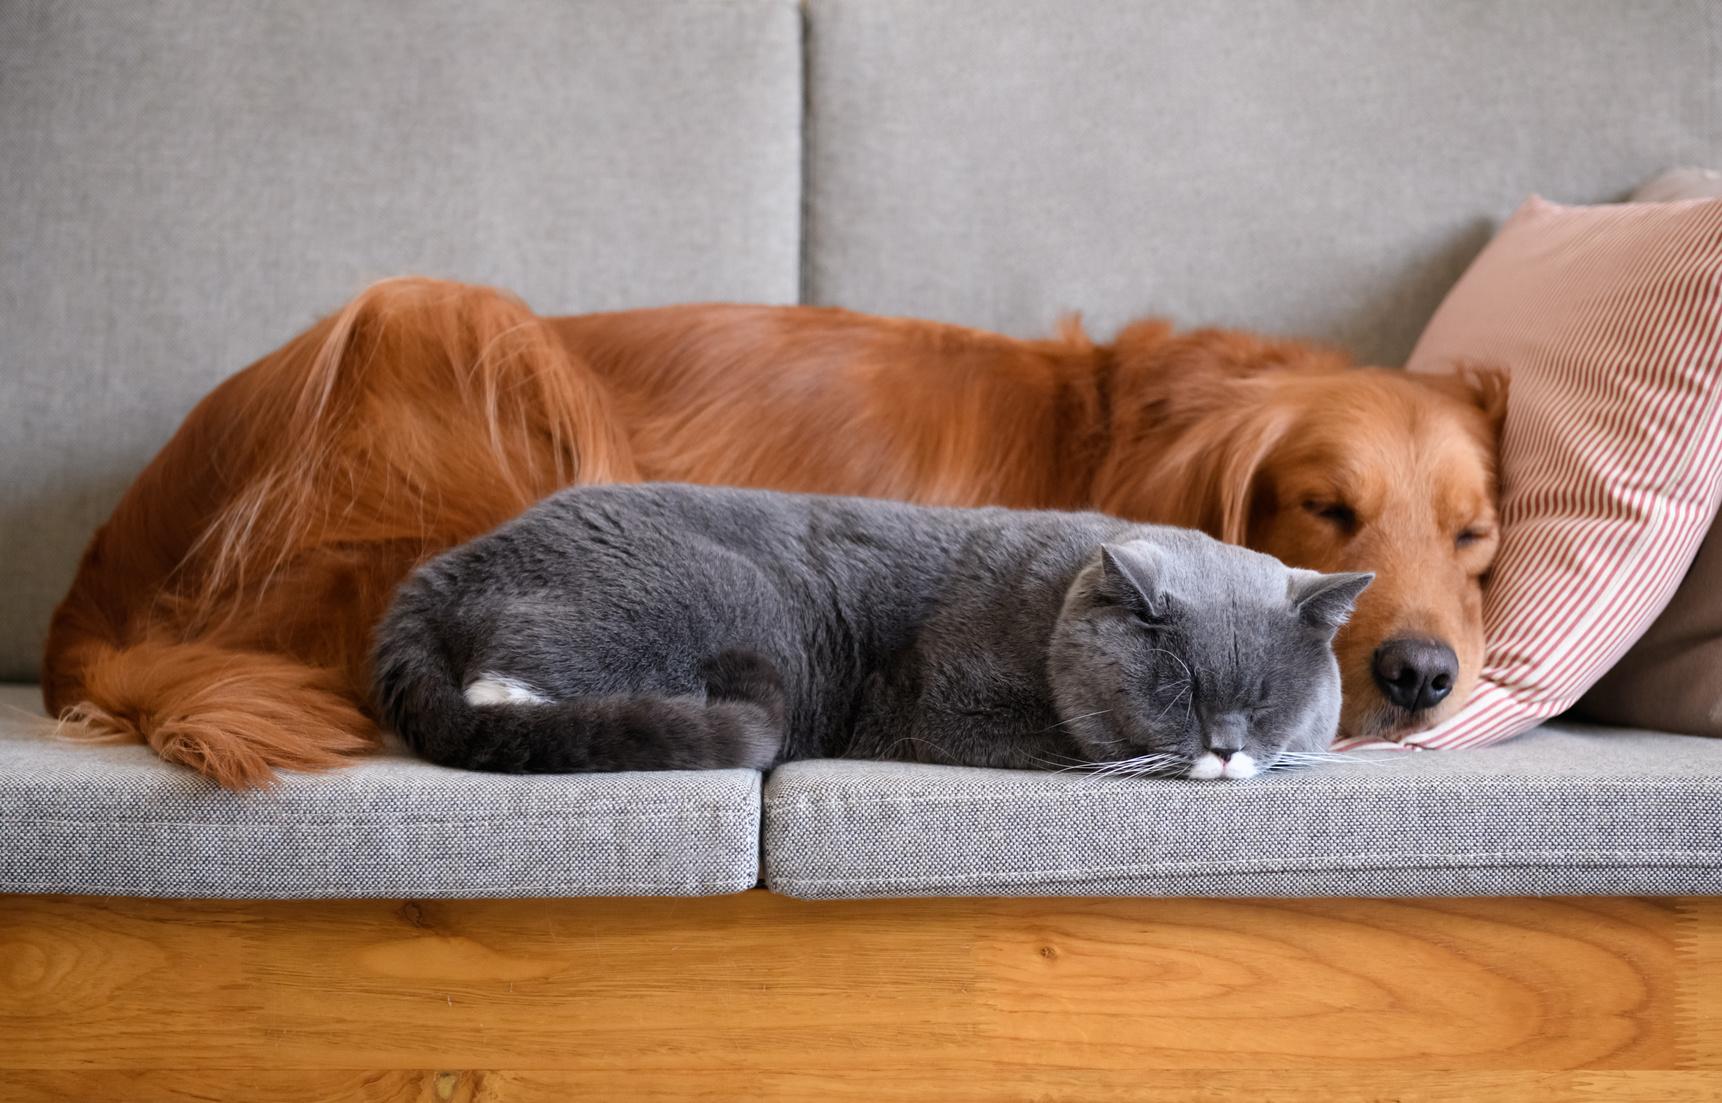 犬や猫が大好き!ペットと関わる仕事がしたい。動物関係の仕事はどれぐらいあるの?